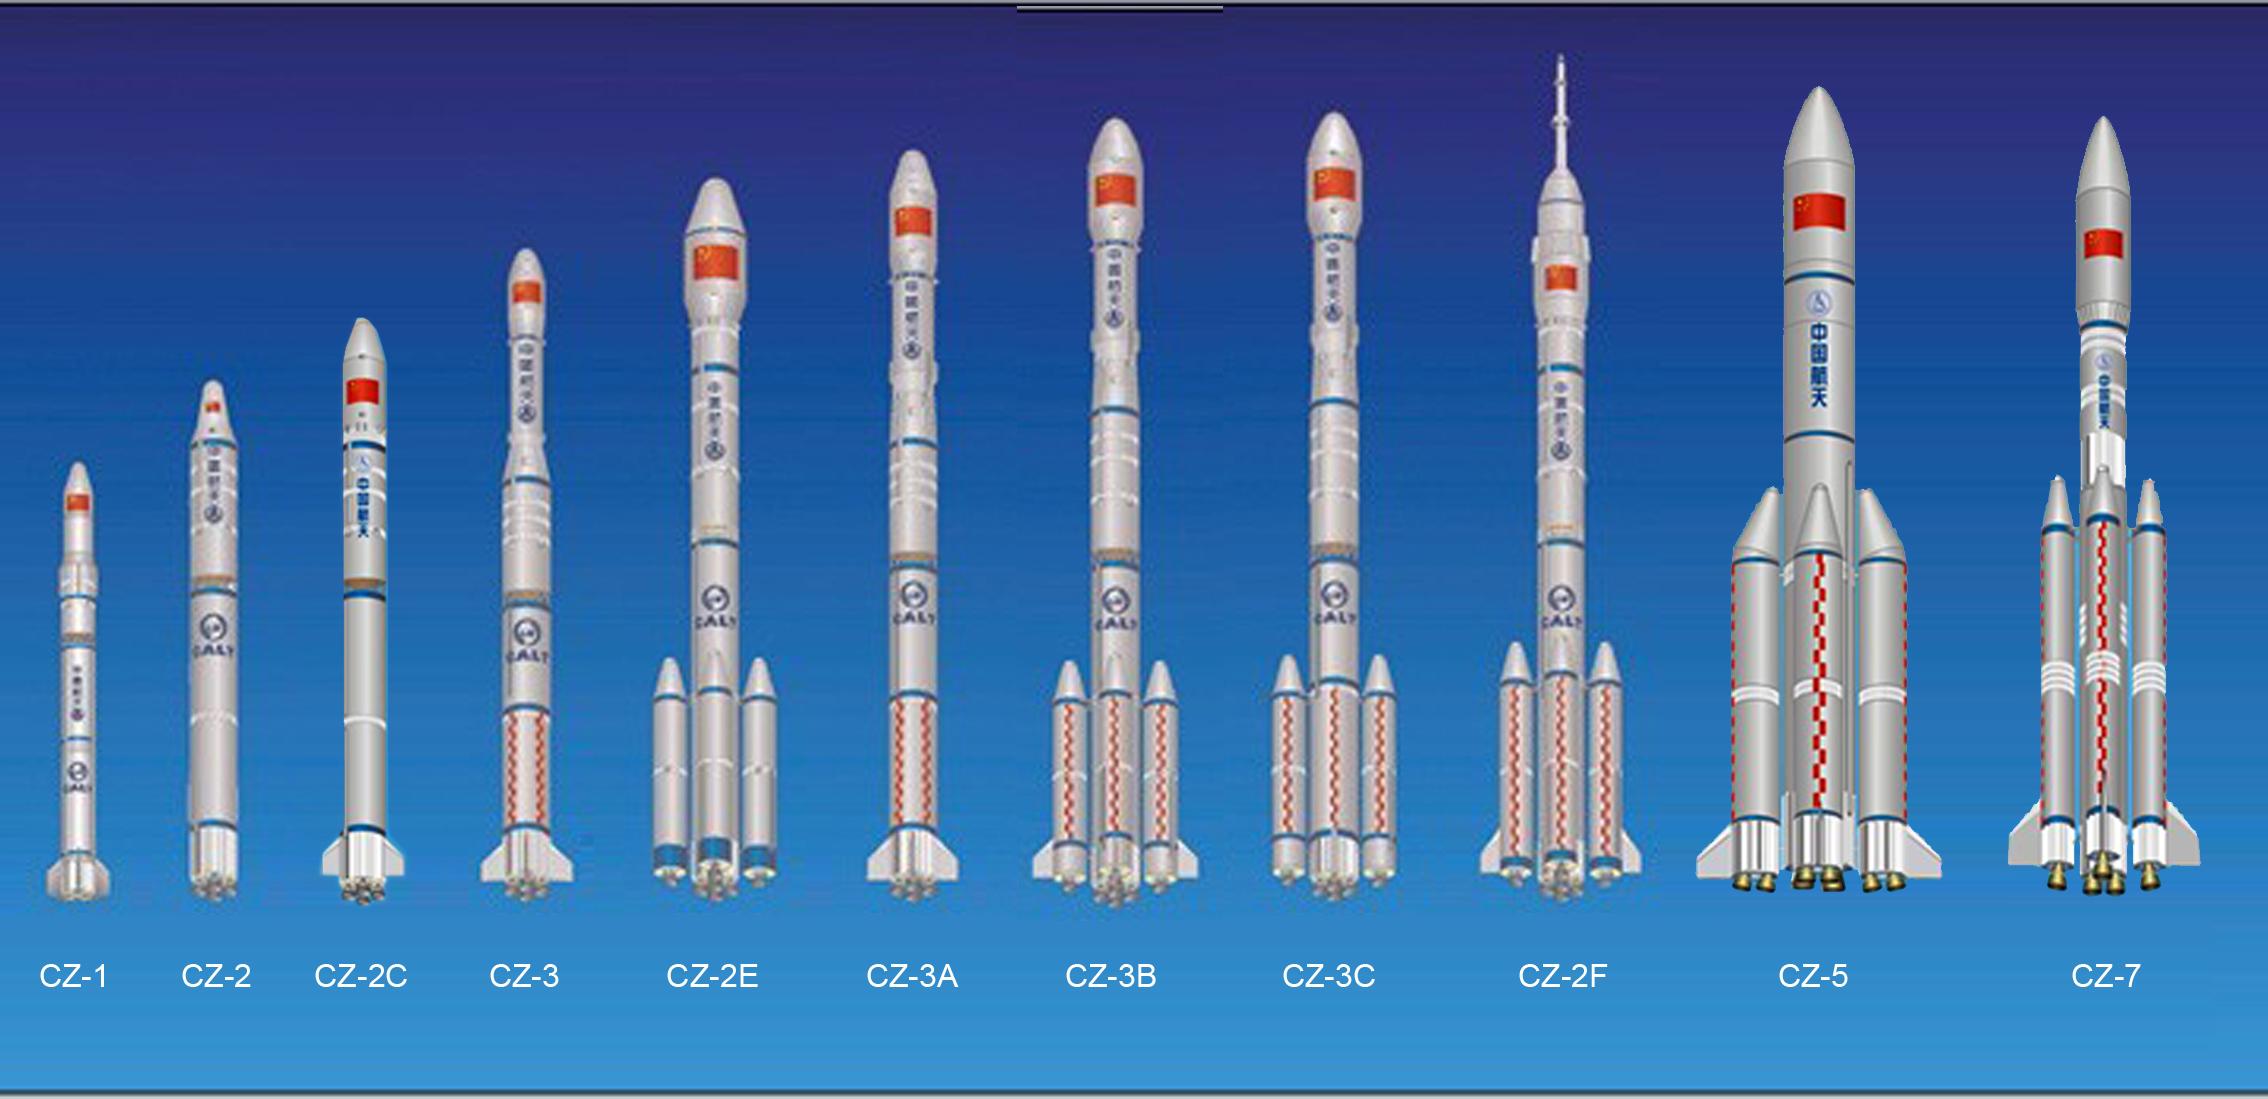 """火箭院在中国航天有""""六最""""地位 - 中国运载火箭技术研究院"""